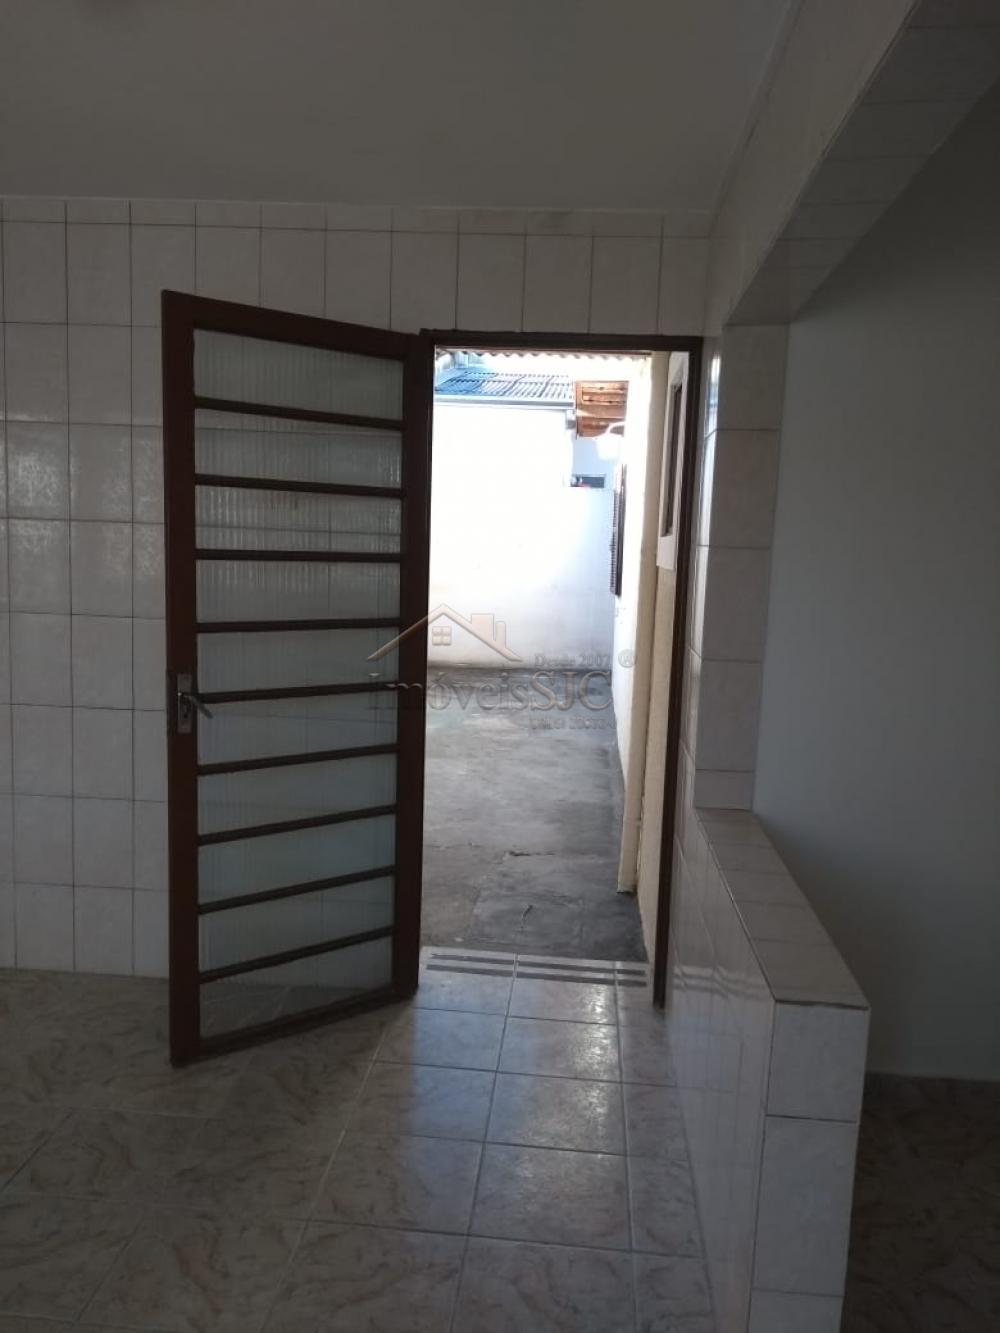 Alugar Casas / Padrão em São José dos Campos apenas R$ 1.800,00 - Foto 6